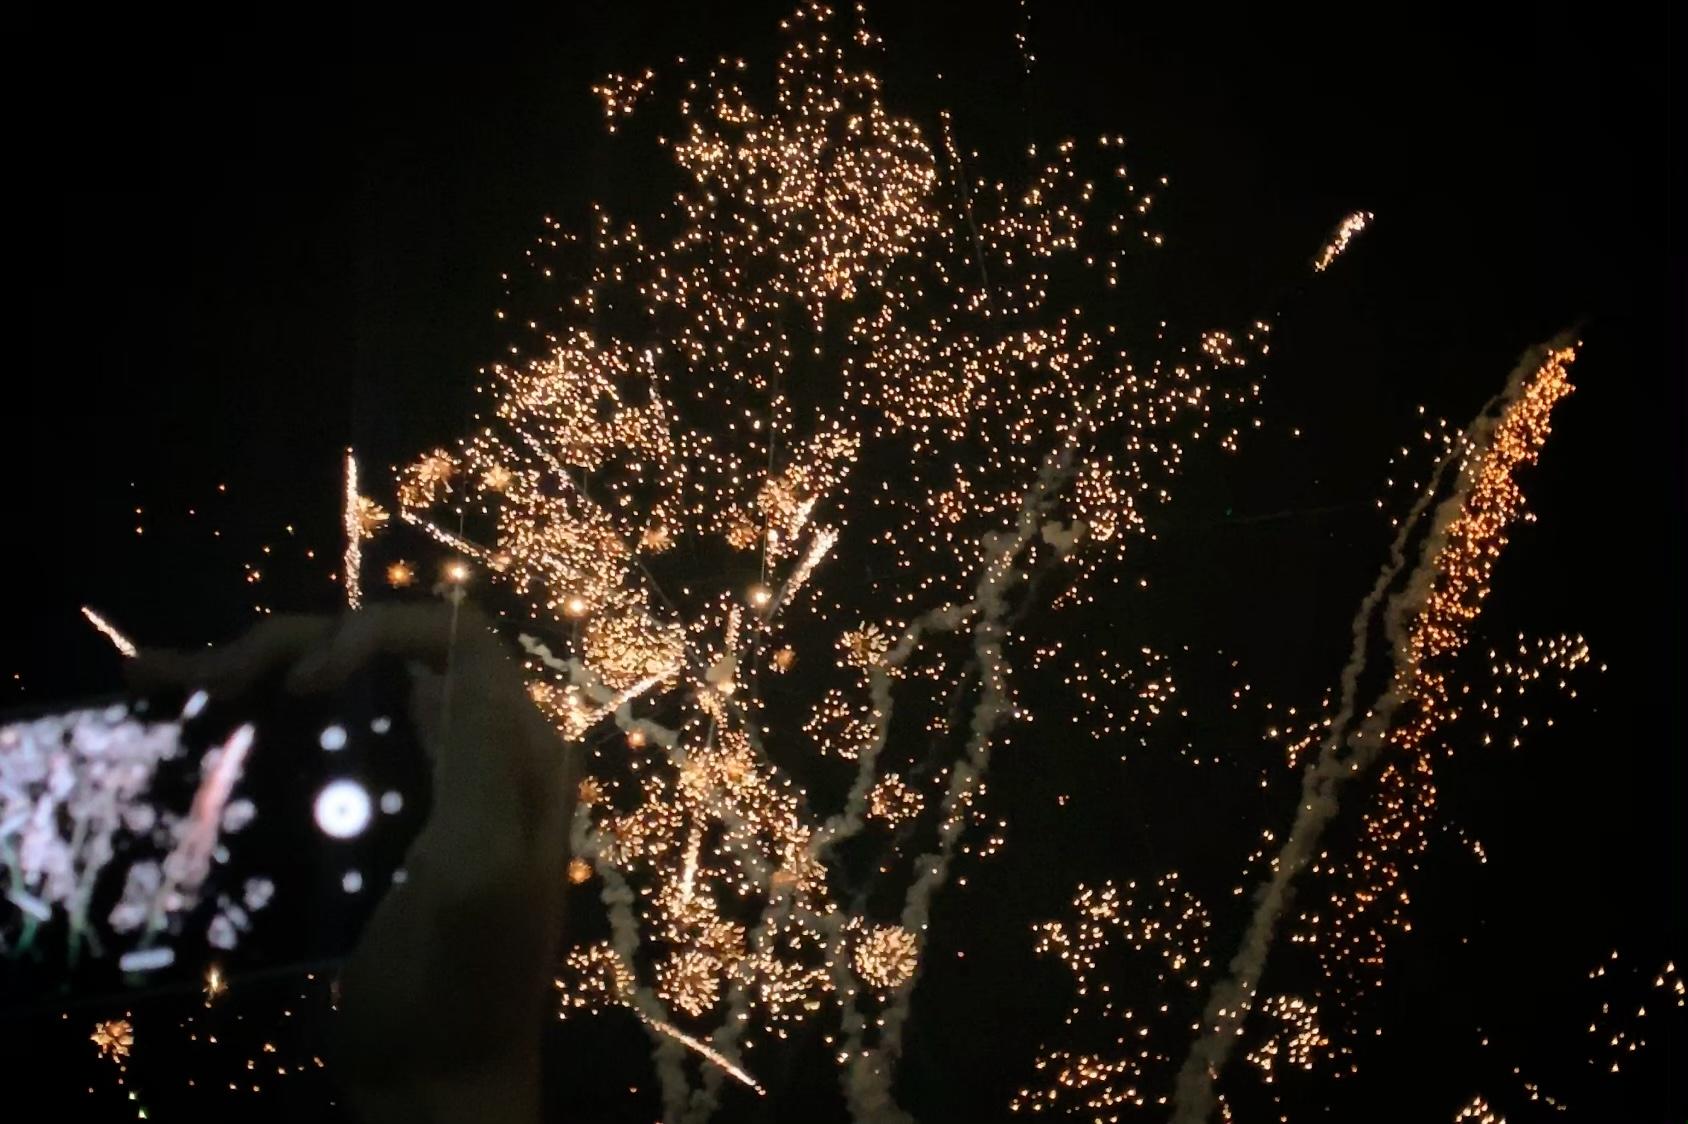 익들아 나 폰으로 불꽃놀이(Remember me)처음으로 찍어봤는데 잘 찍었지?!? 헤헿ㅎ | 인스티즈